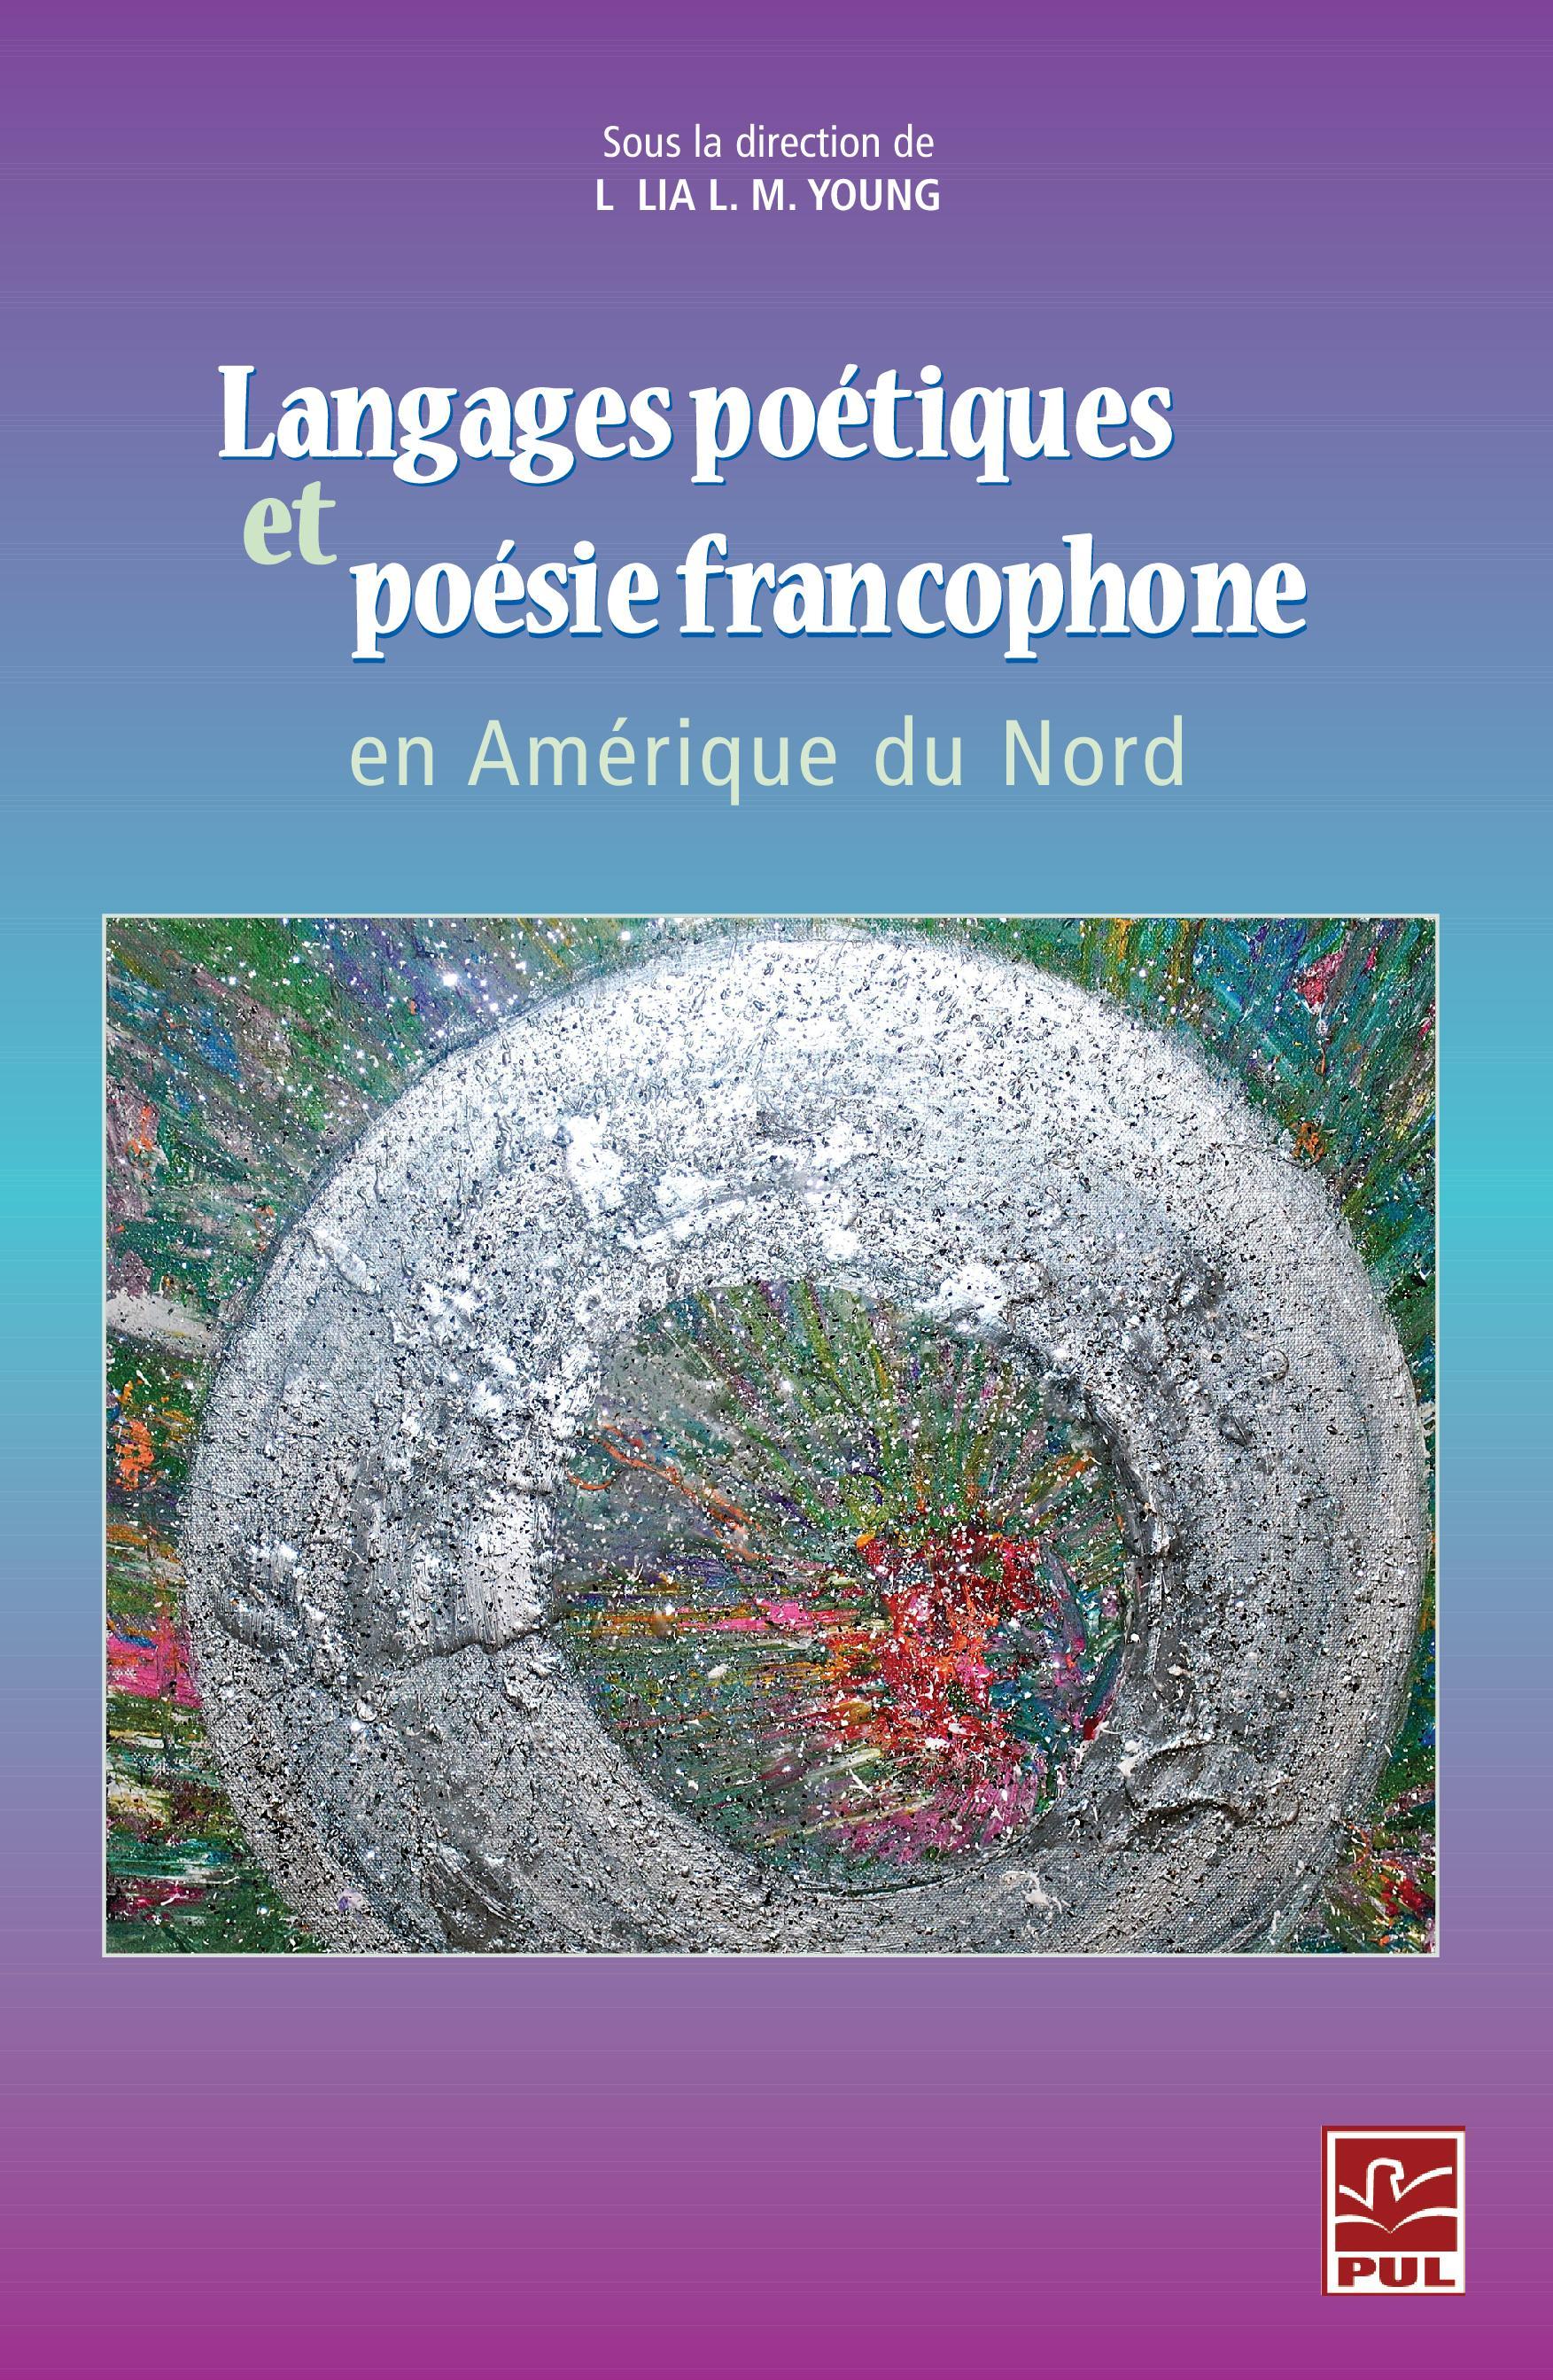 Langages poétiques et poésie francophone en Amérique du Nord